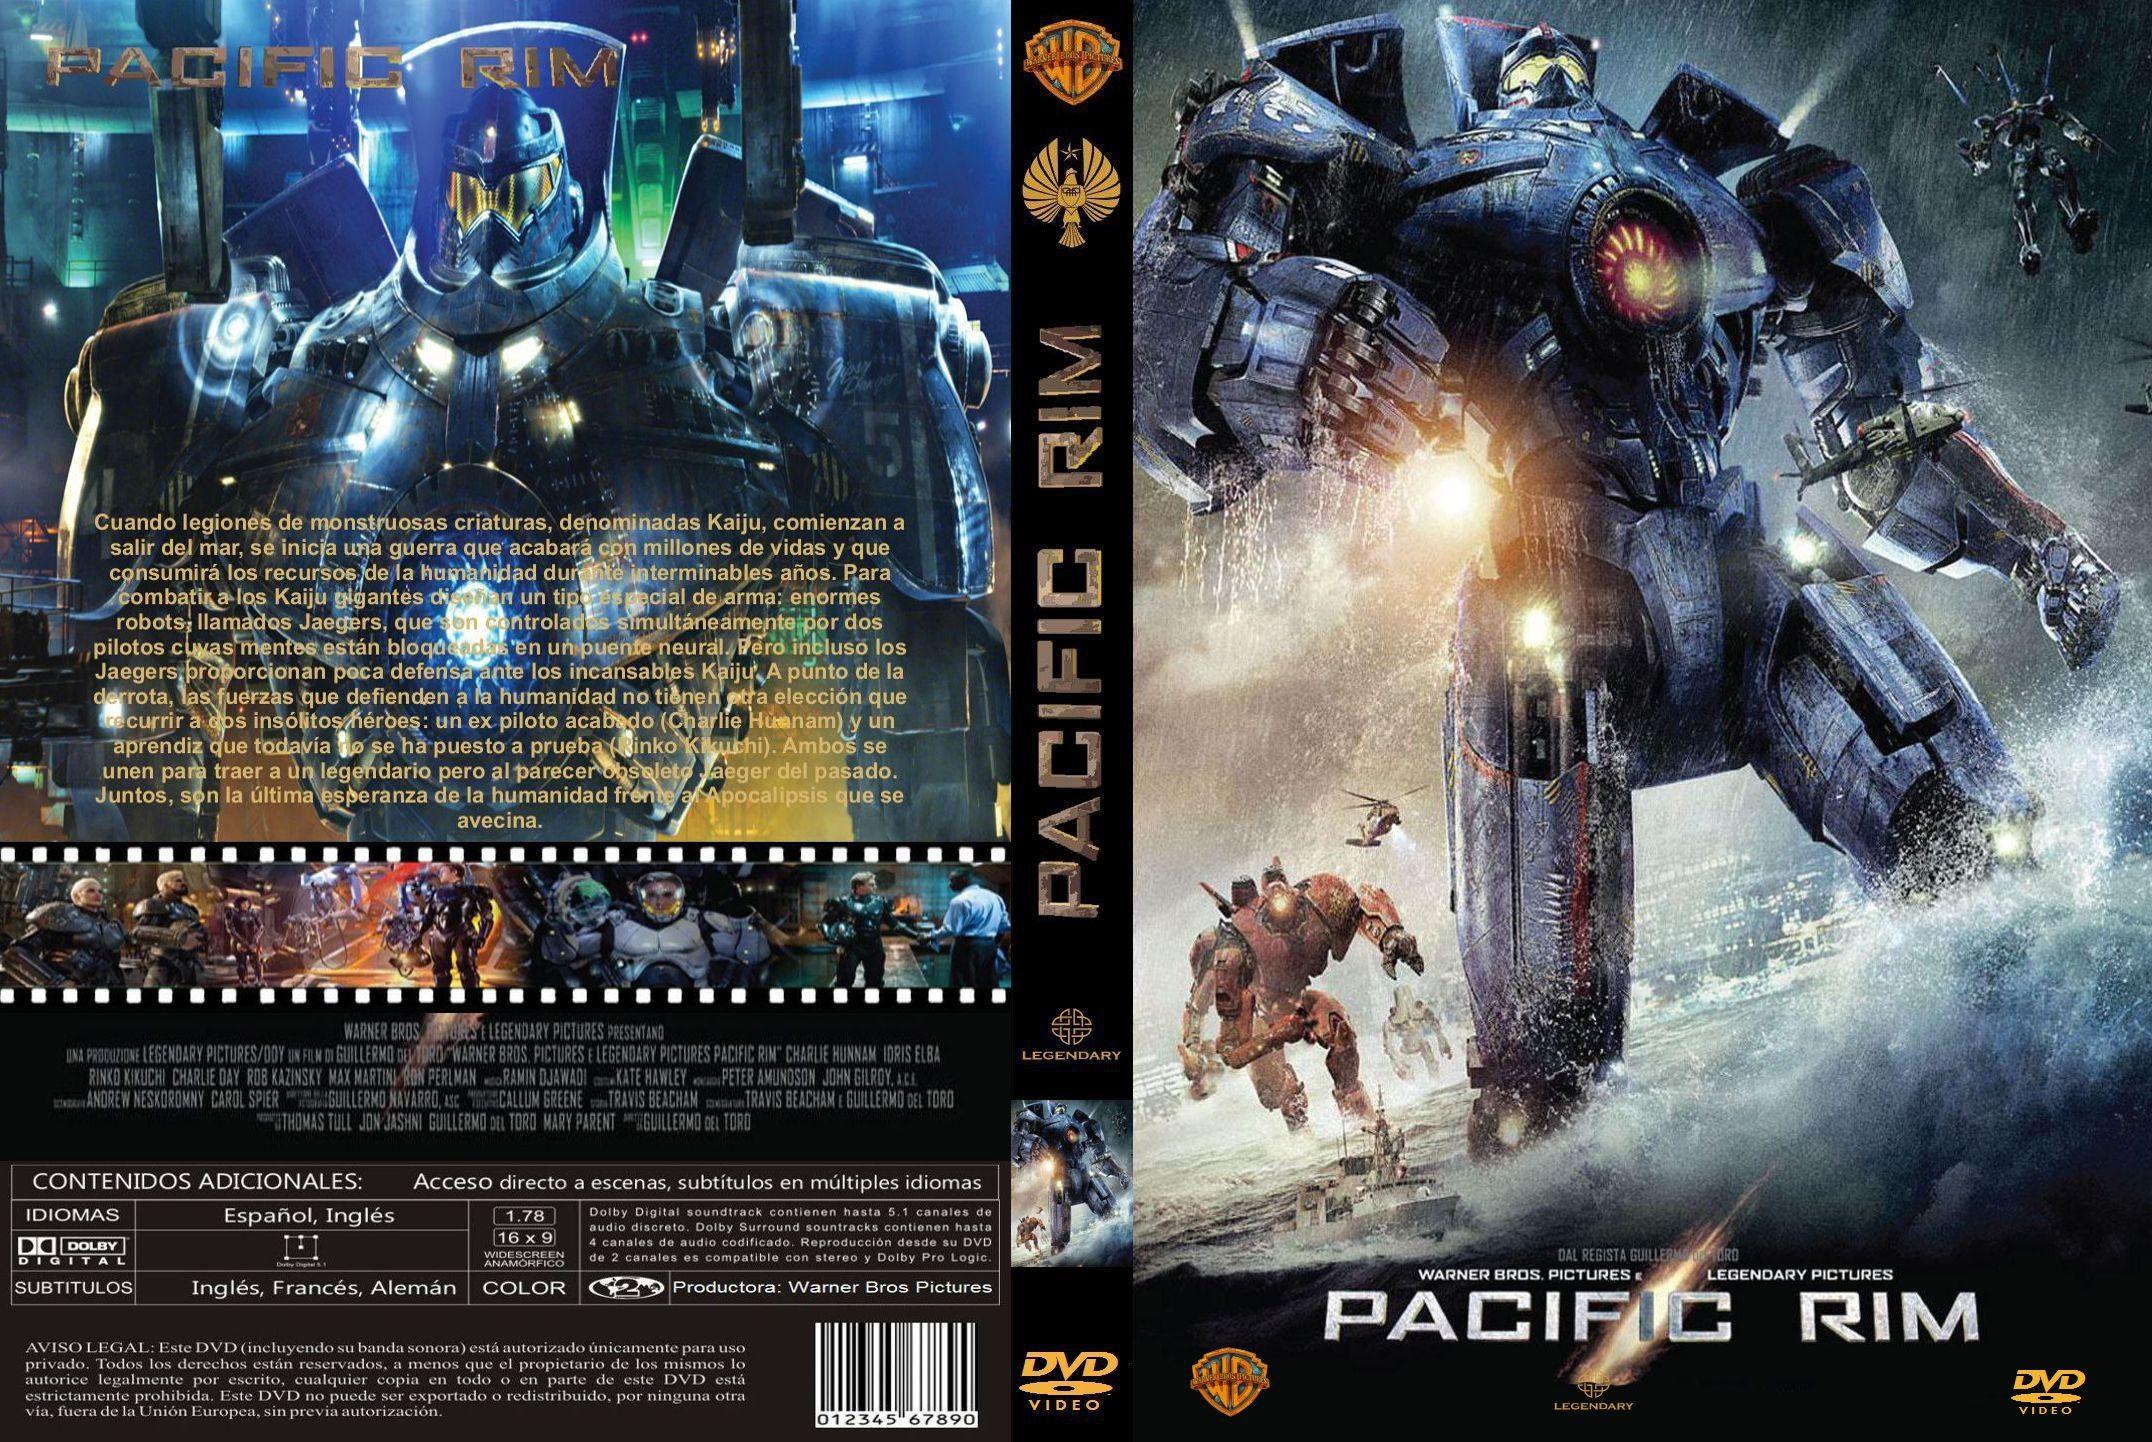 Pacific Rim Custom Por Vigilantenocturno – dvd(1) | infi2011 Pacific Rim 2013 Dvd Cover